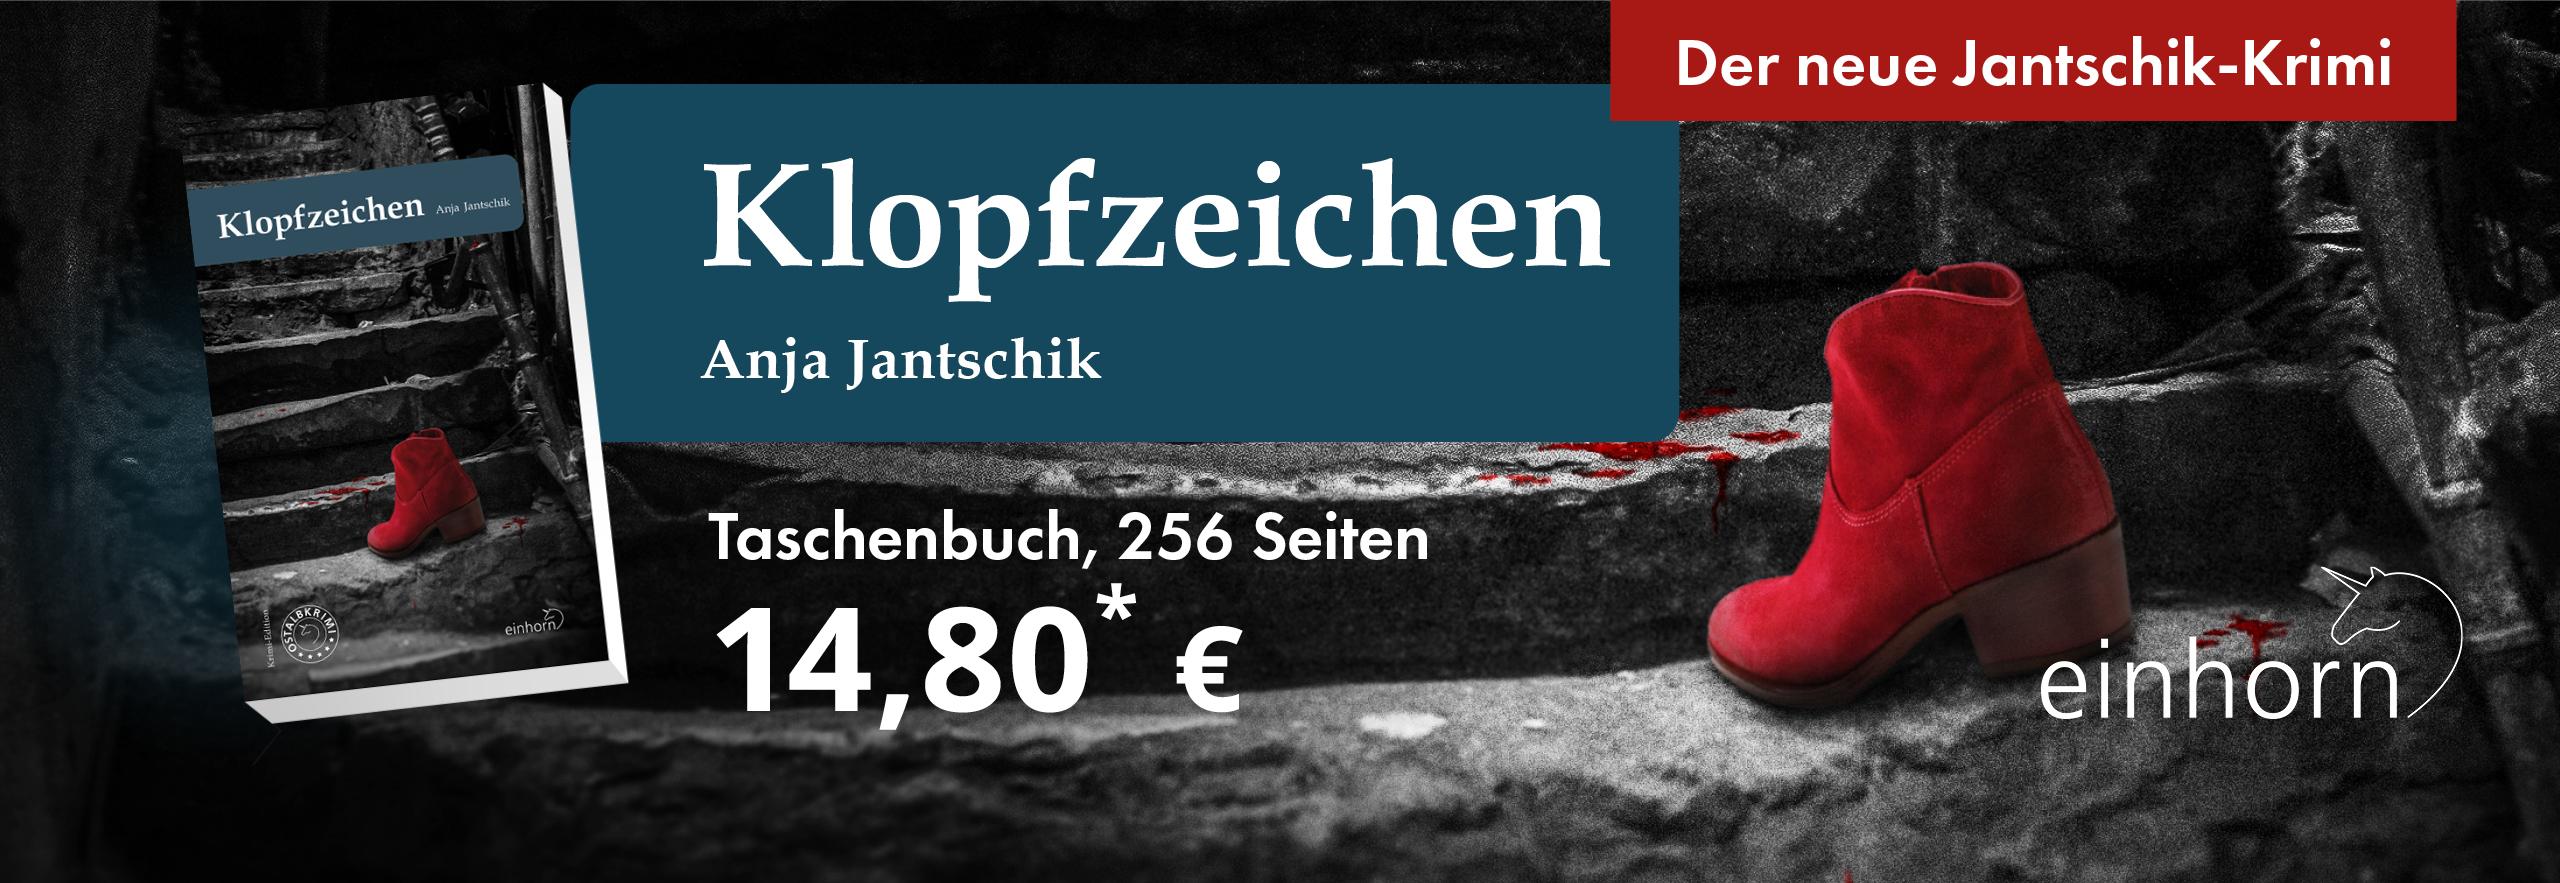 Anja Jantschik - Klopfzeichen